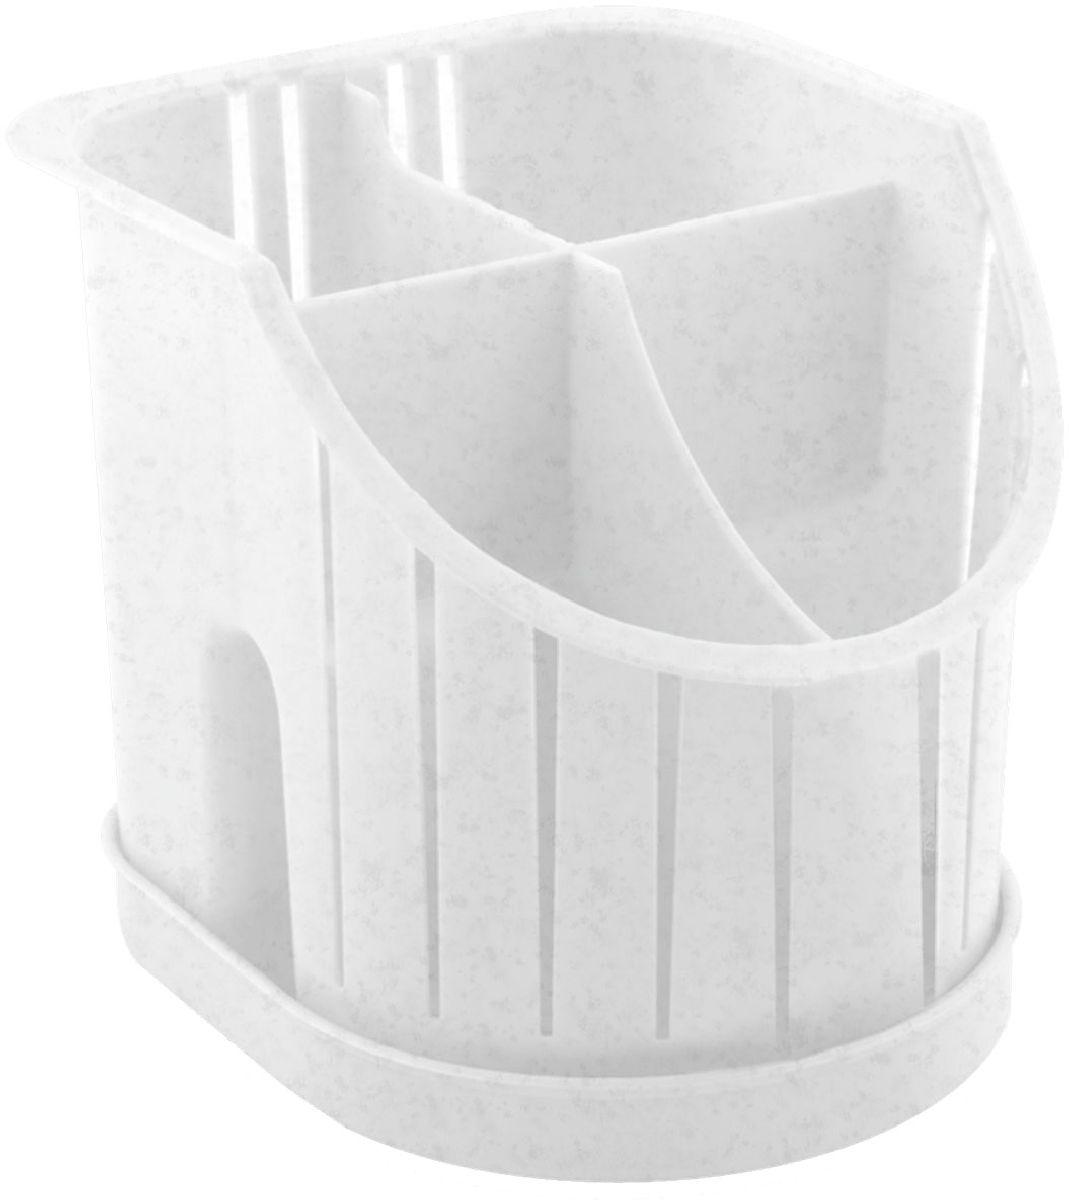 """Сушилка для столовых приборов """"Plastic Centre"""" пригодится на любой кухне. Изделие выполнено из полипропилена. Четыре секции позволят сушить или хранить столовые приборы по отдельности (ножи, вилки, ложки и т.п.). Сушилка снабжена поддоном."""